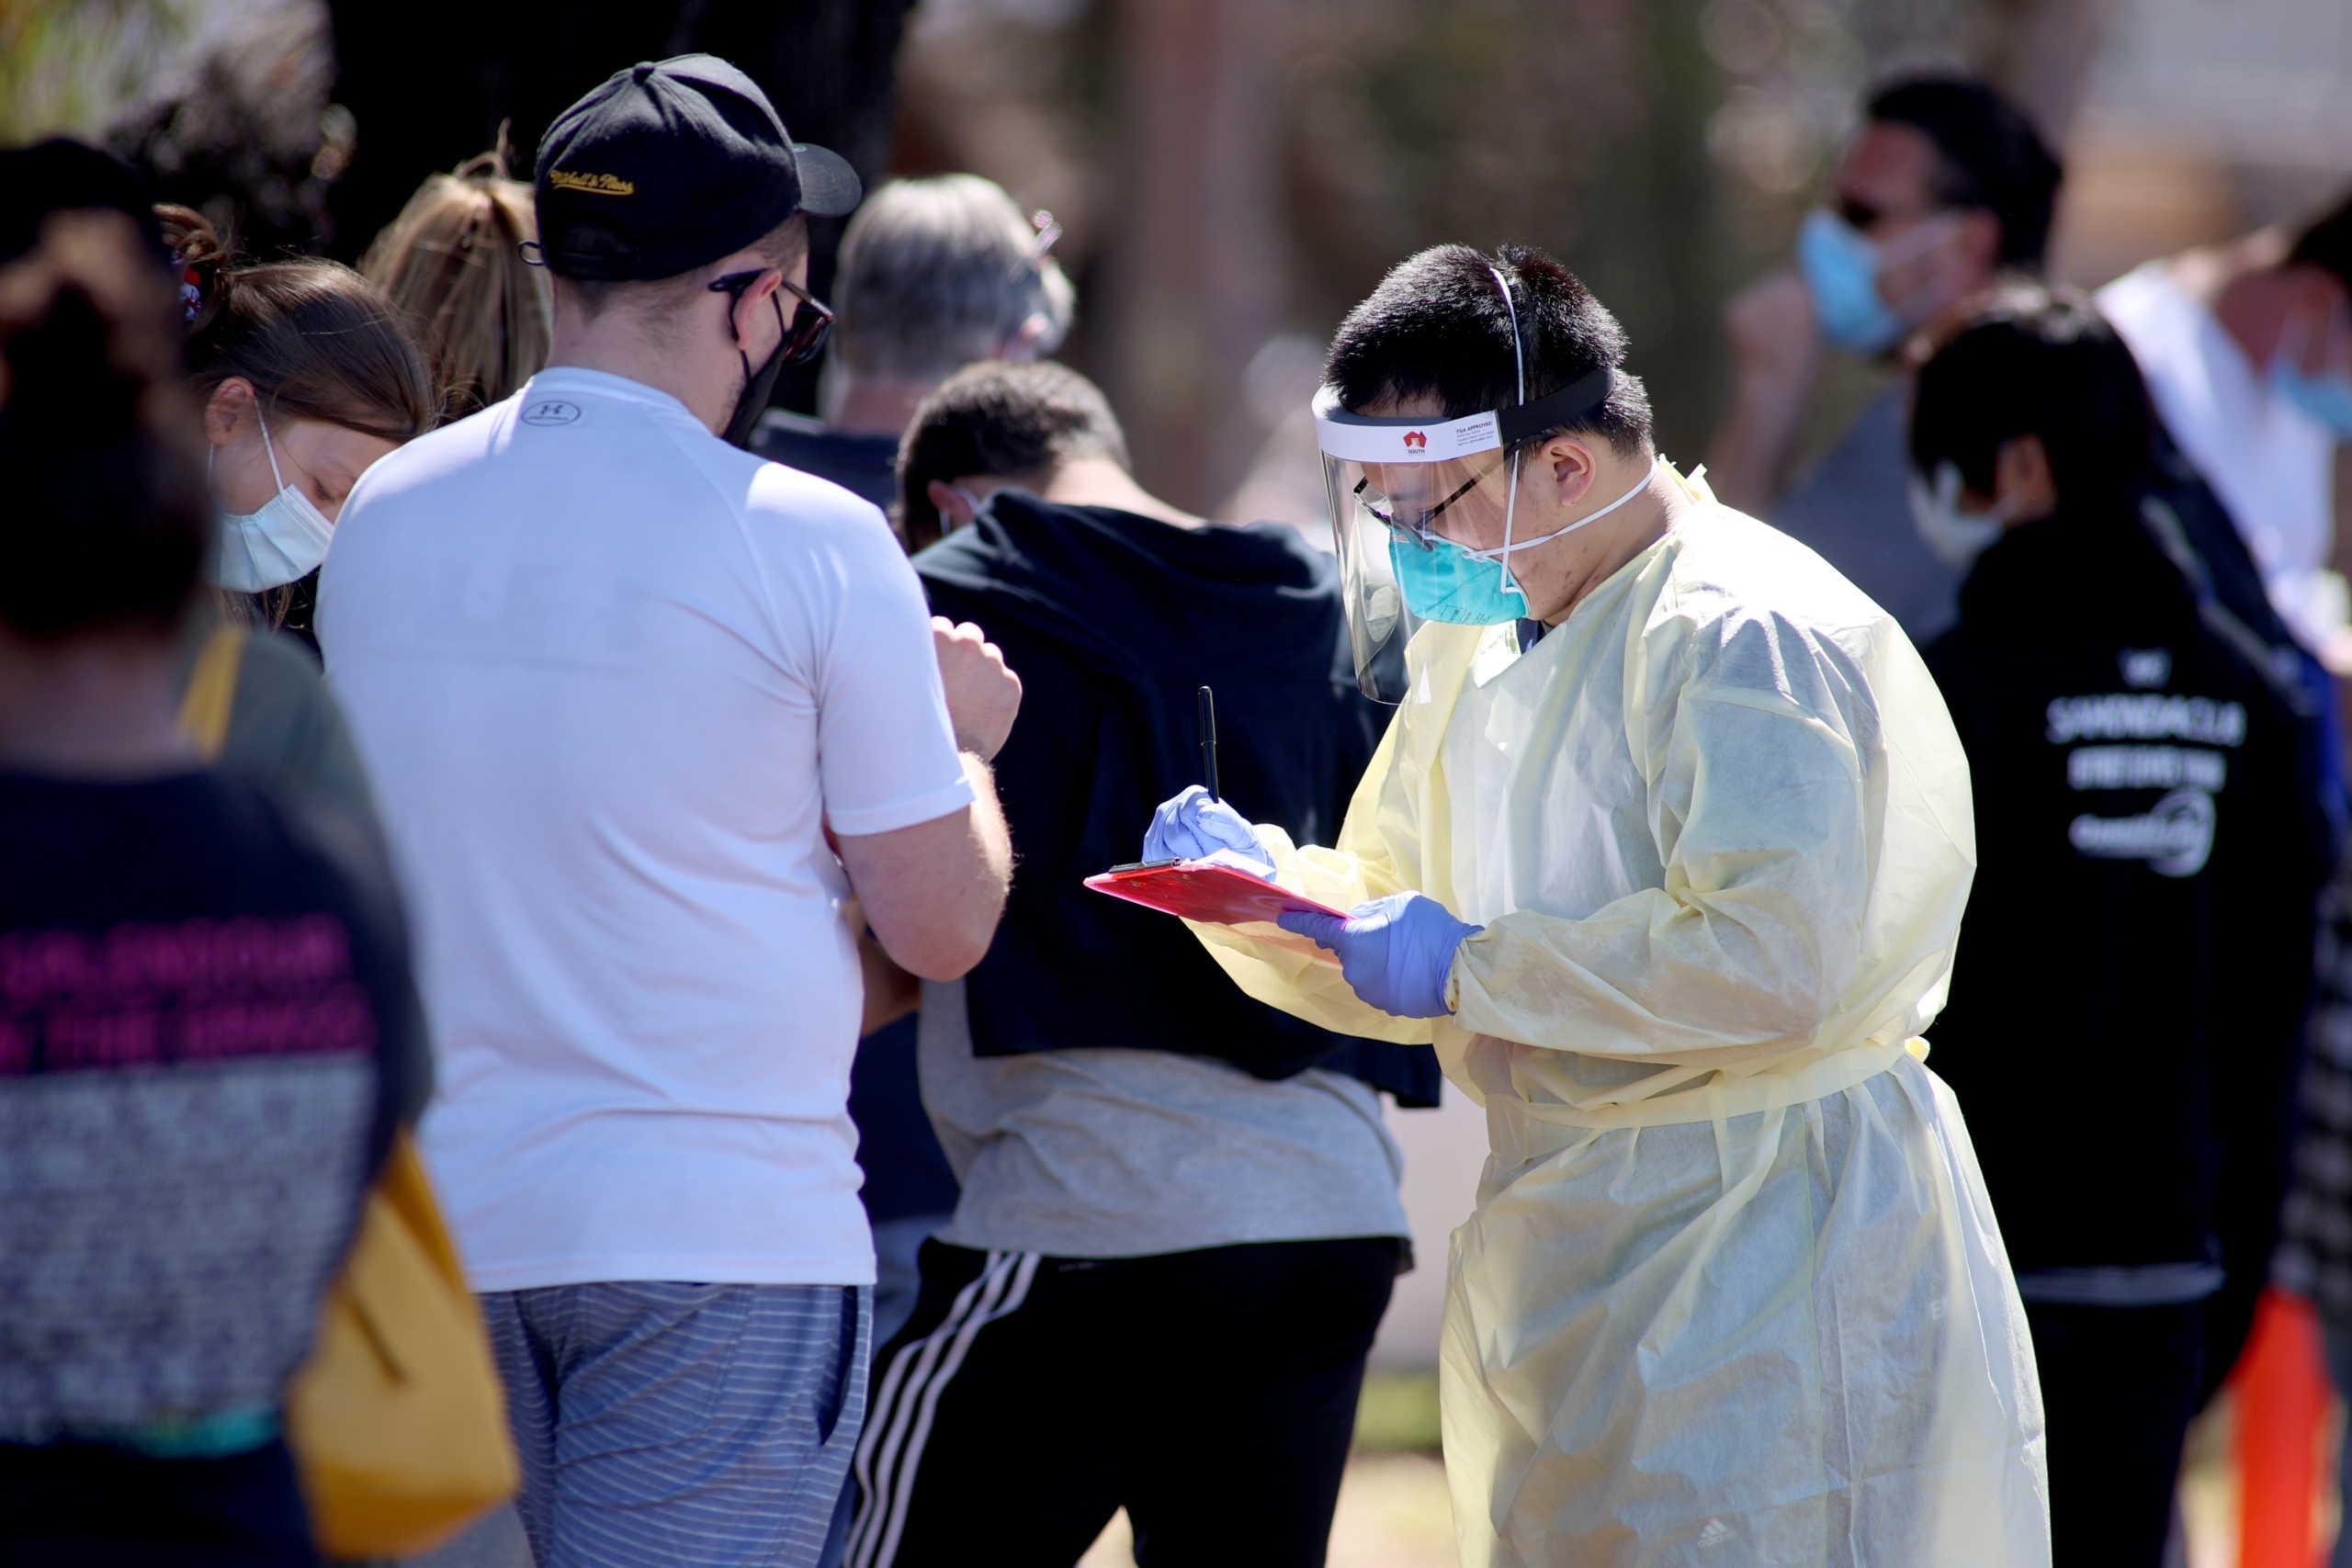 Αυστραλία: Πολύ μεταδοτικό στέλεχος του κορονοϊού βάζει την Αδελαΐδα σε σκληρό lockdown